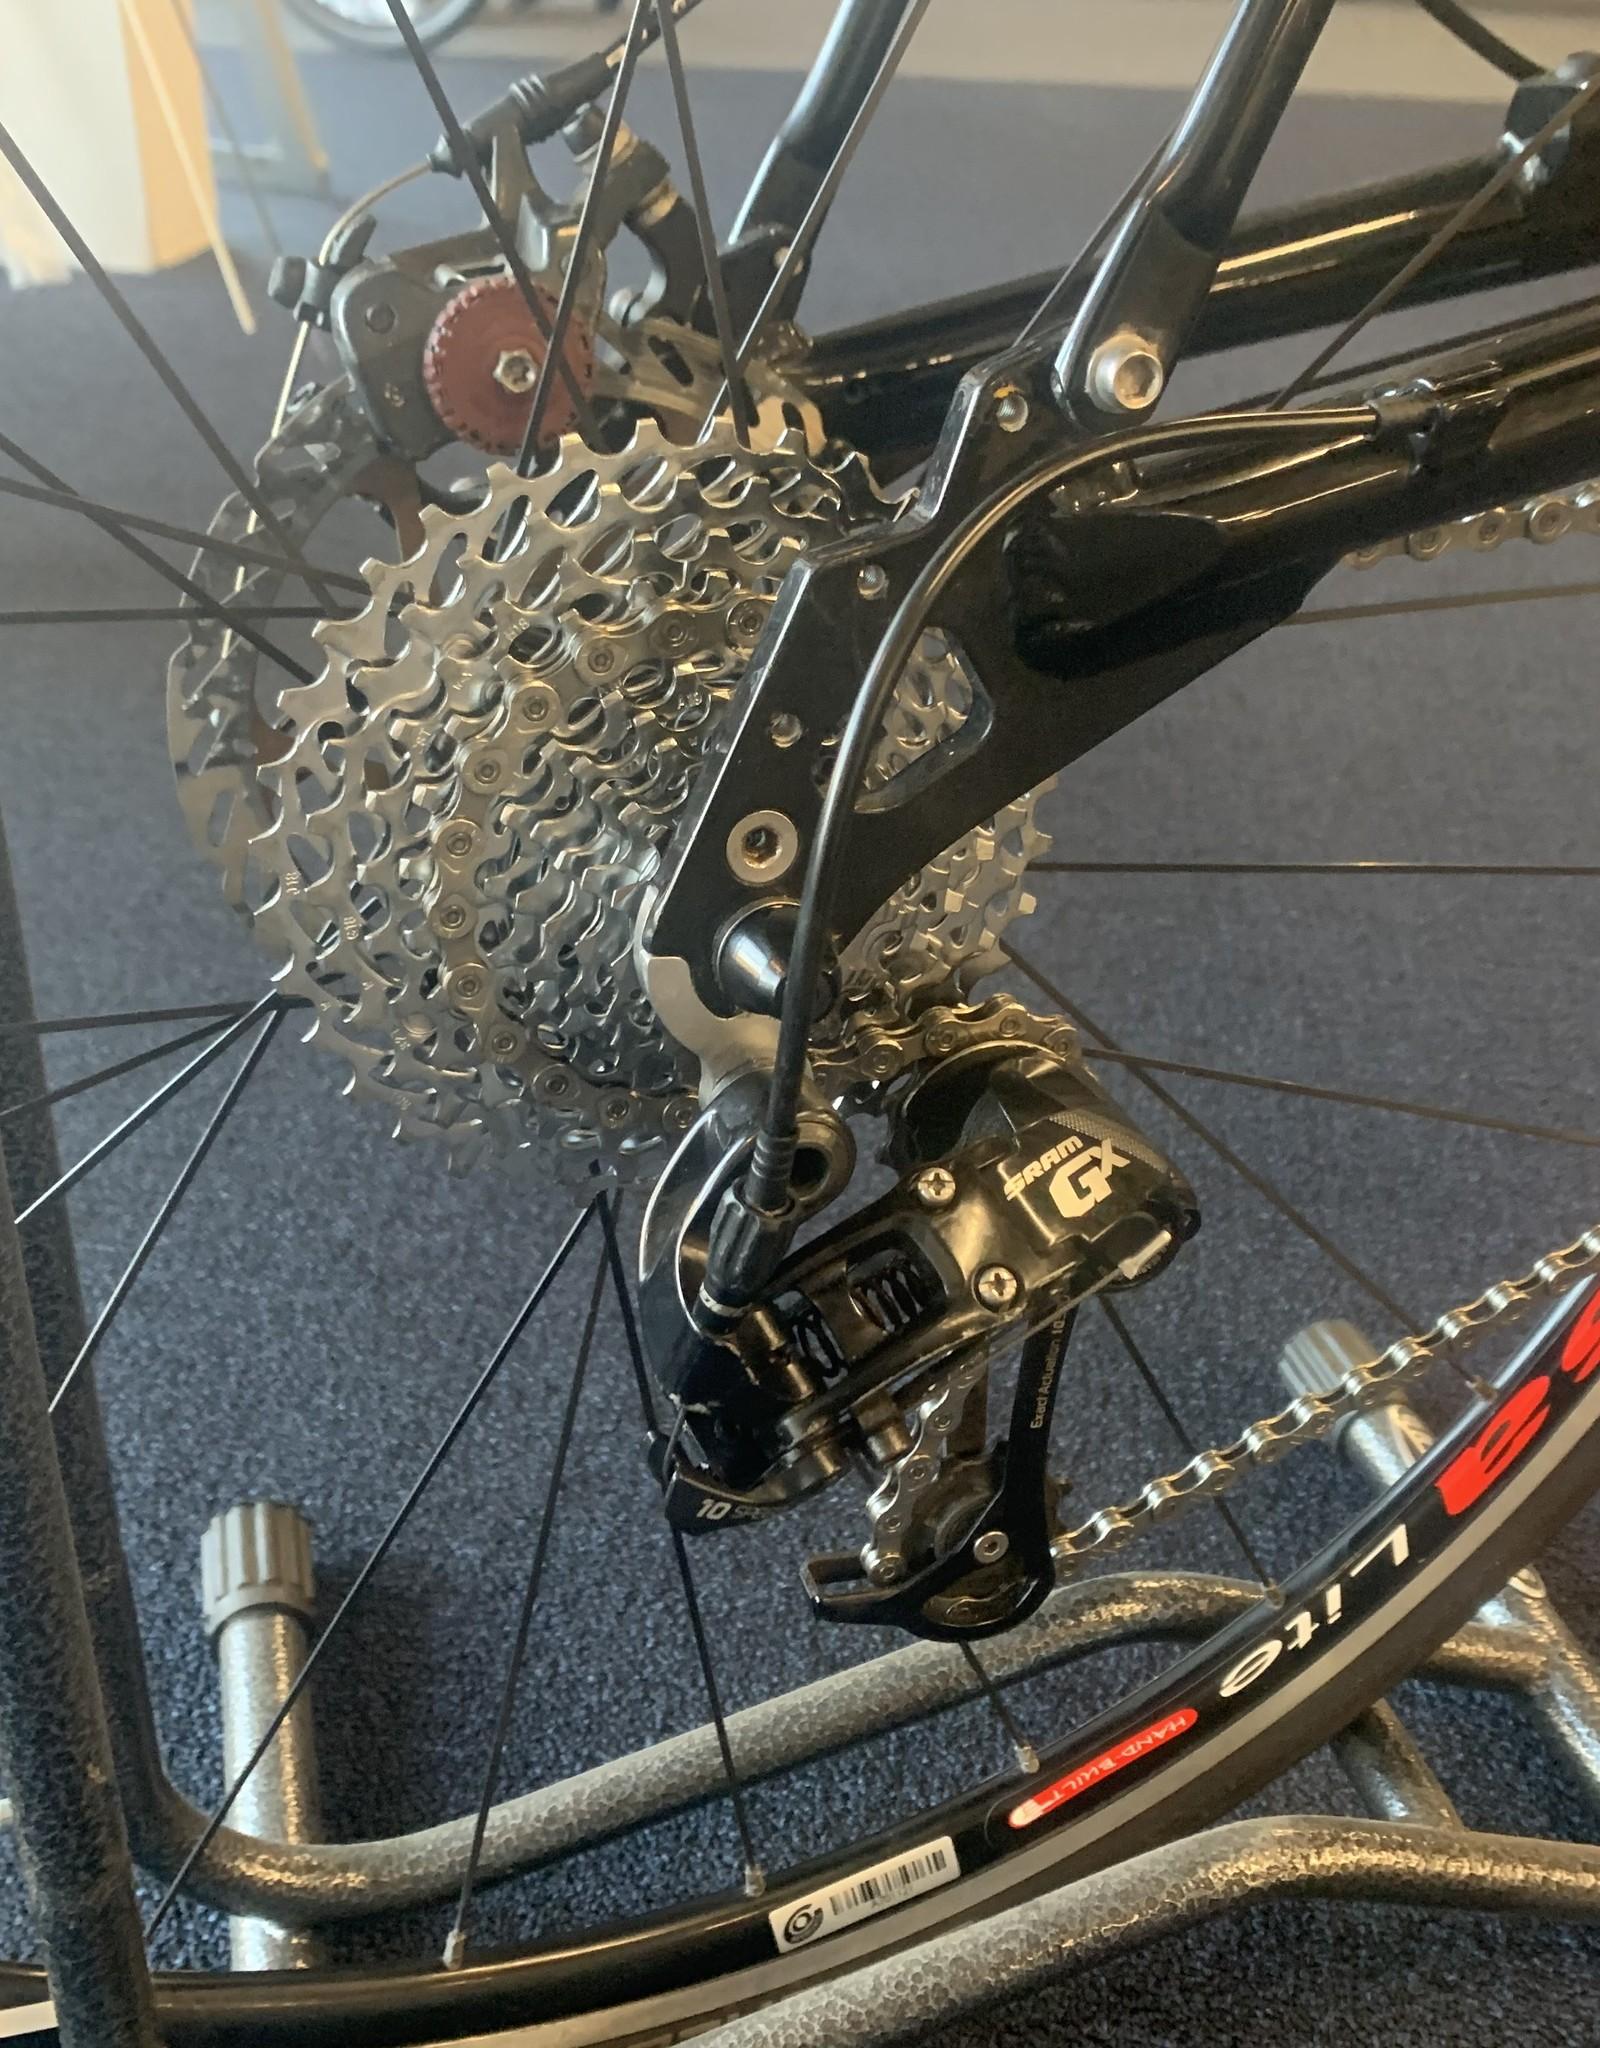 Bacchetta Used Giro 20 ATT